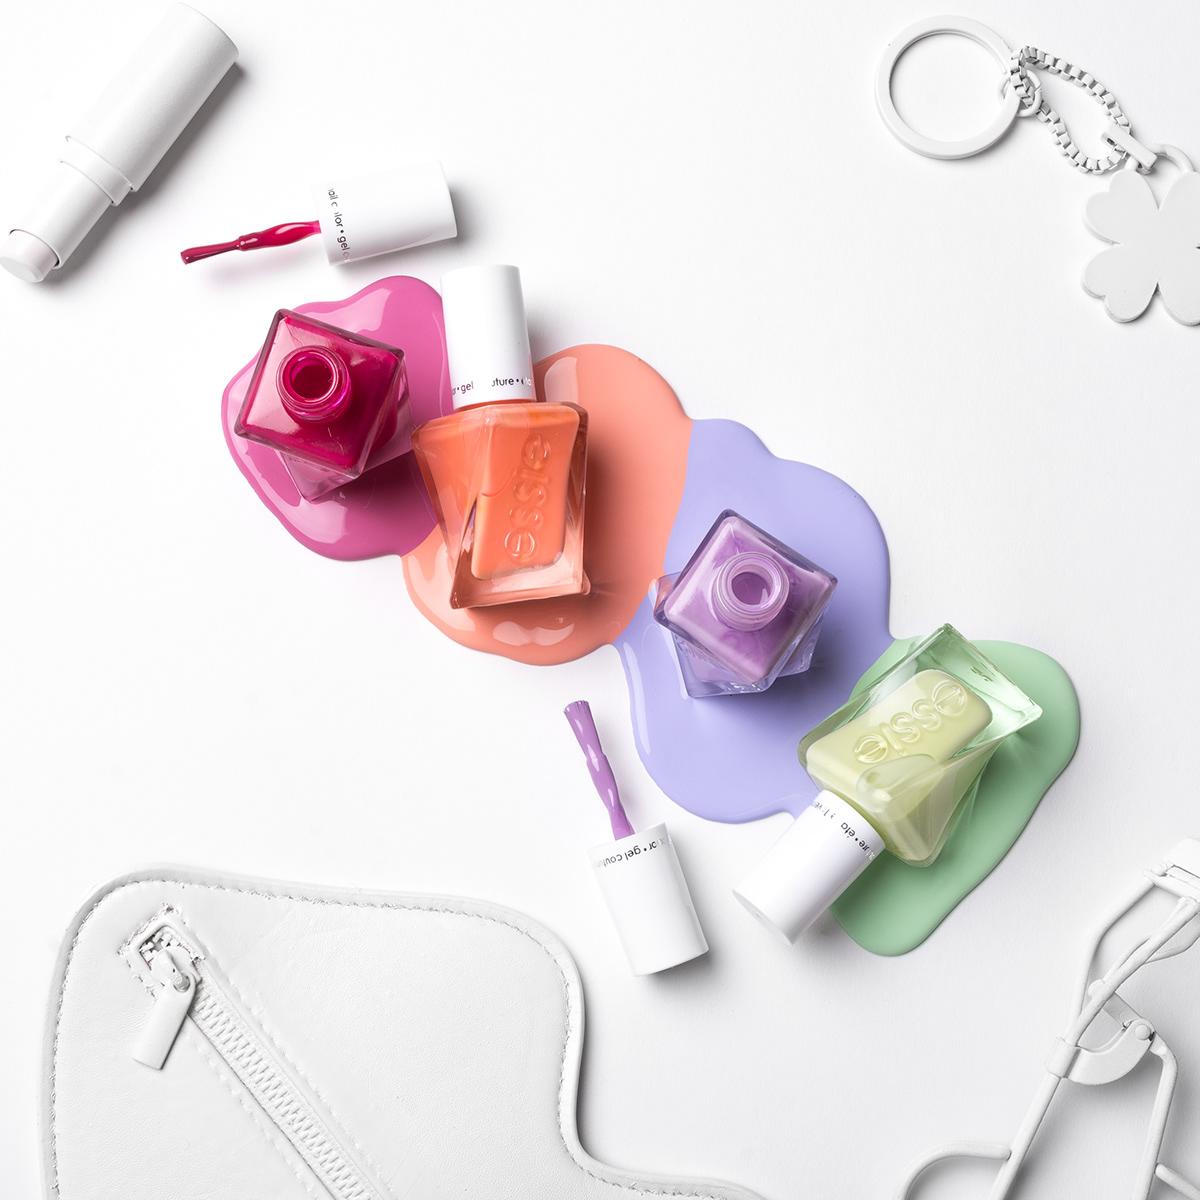 diseño grafico essie cosmetica - Tendencias en el diseño gráfico 2020